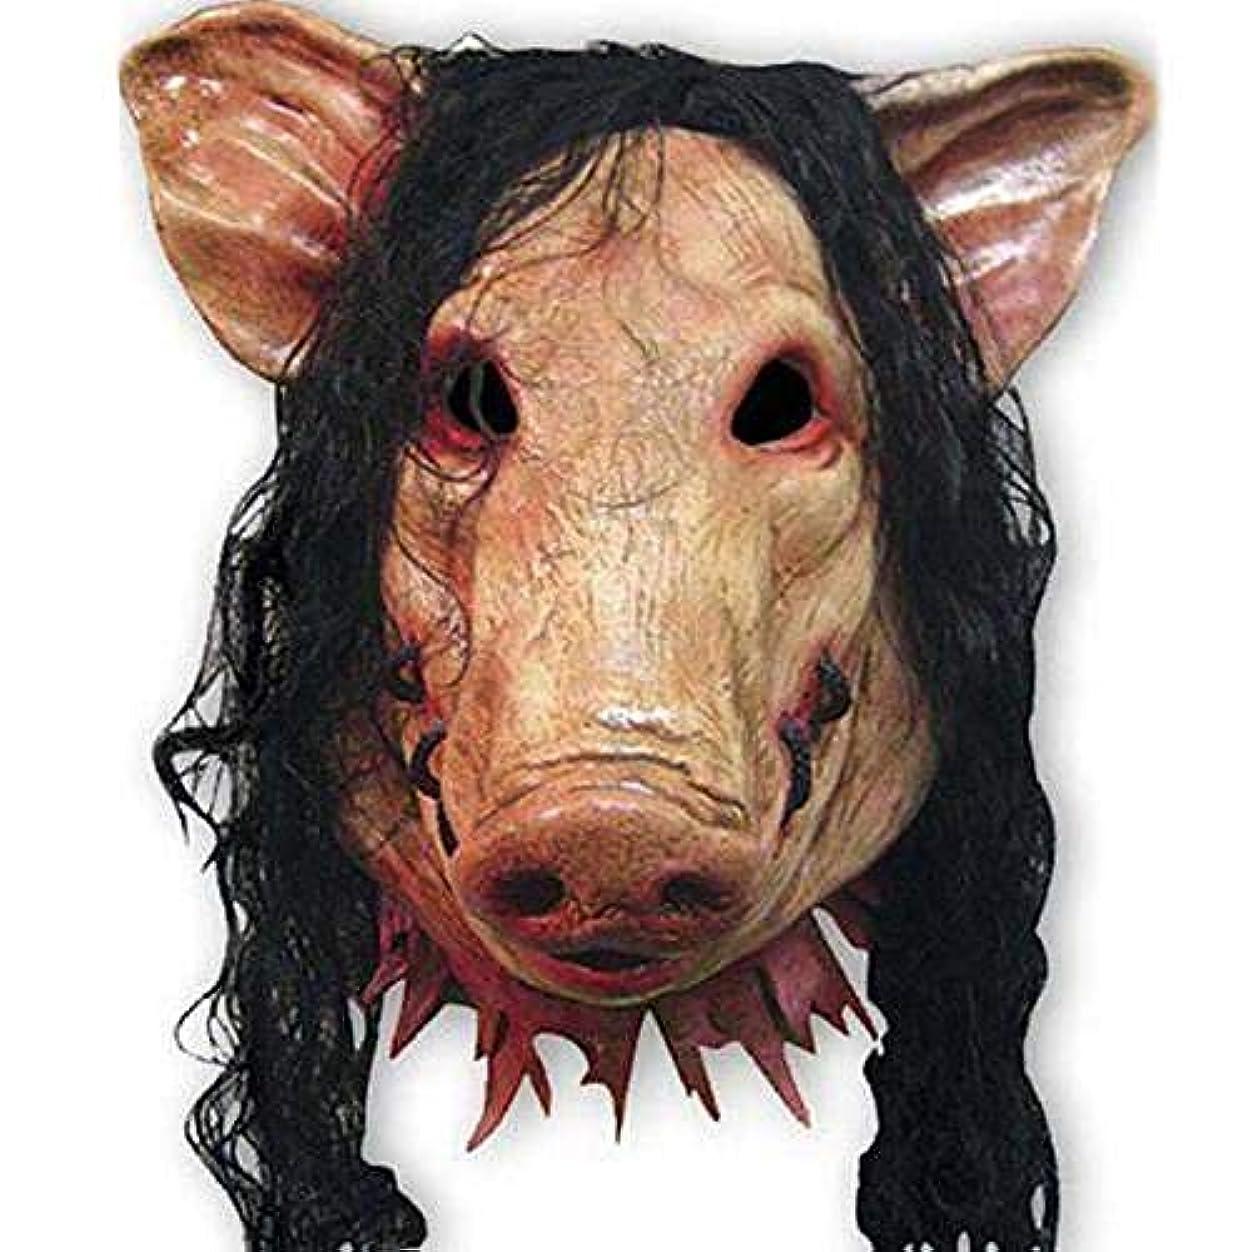 とげのあるインスタントレースラテックス豚マスク-ハロウィンコスチュームボールコスチュームコスプレ、ユニセックス怖いマスク豚